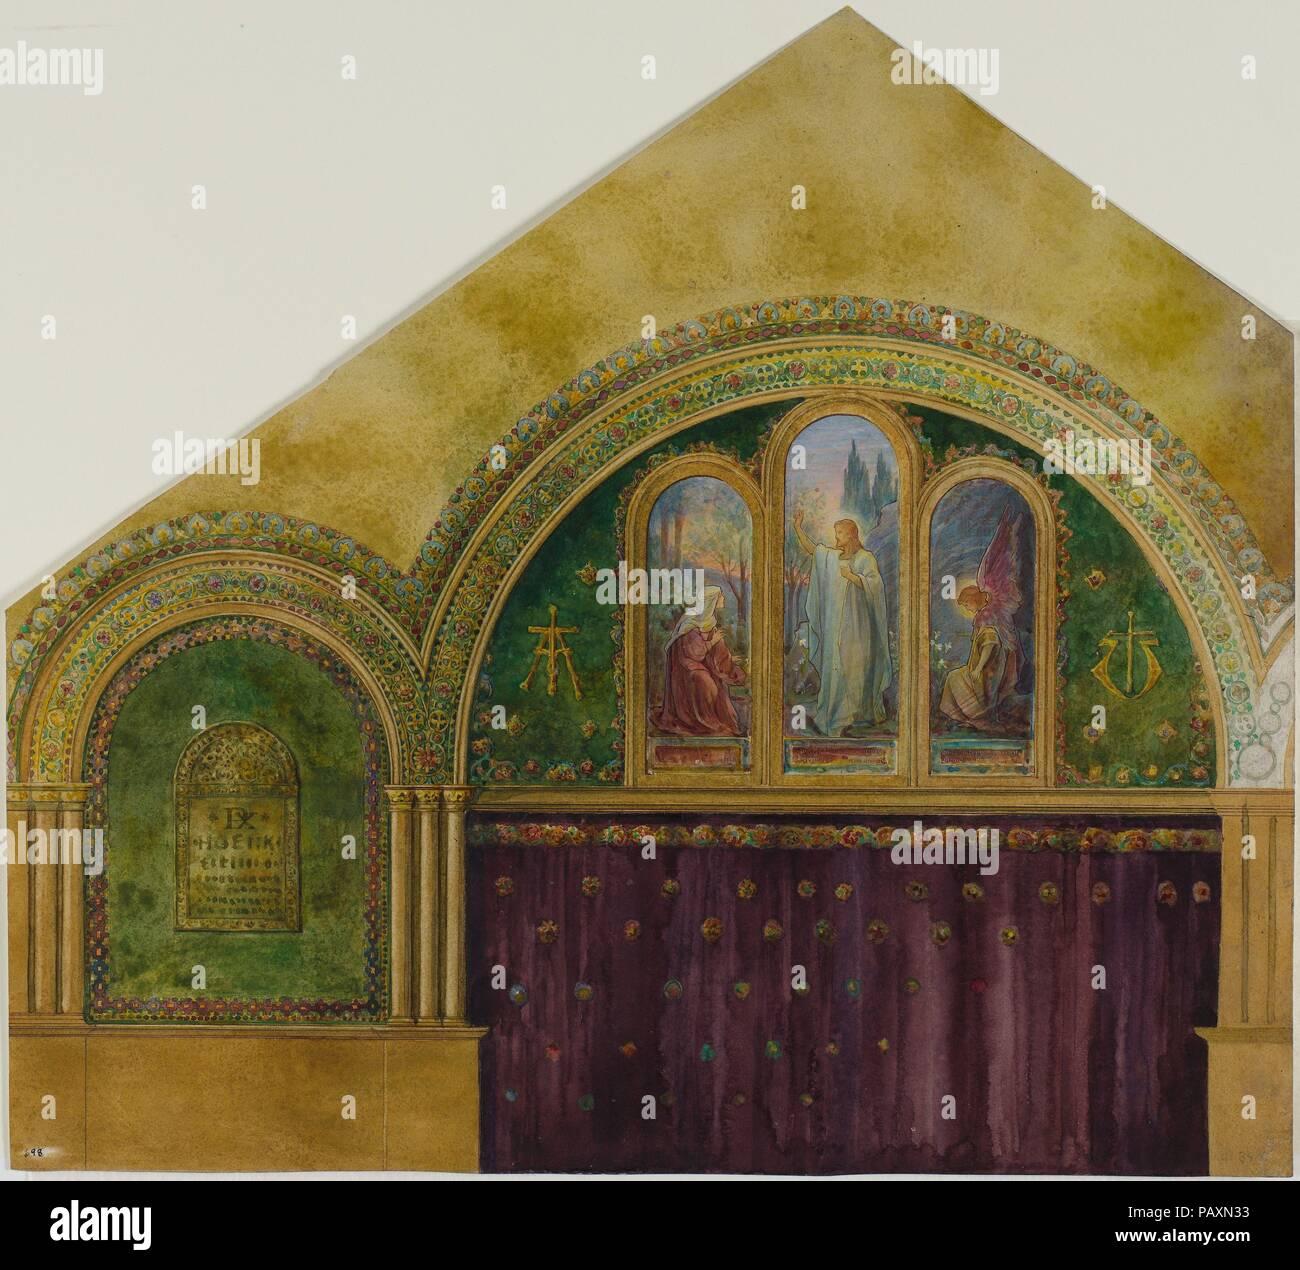 Design Für Den Innenraum Der Kirche Mit Noli Me Tangere Fenster